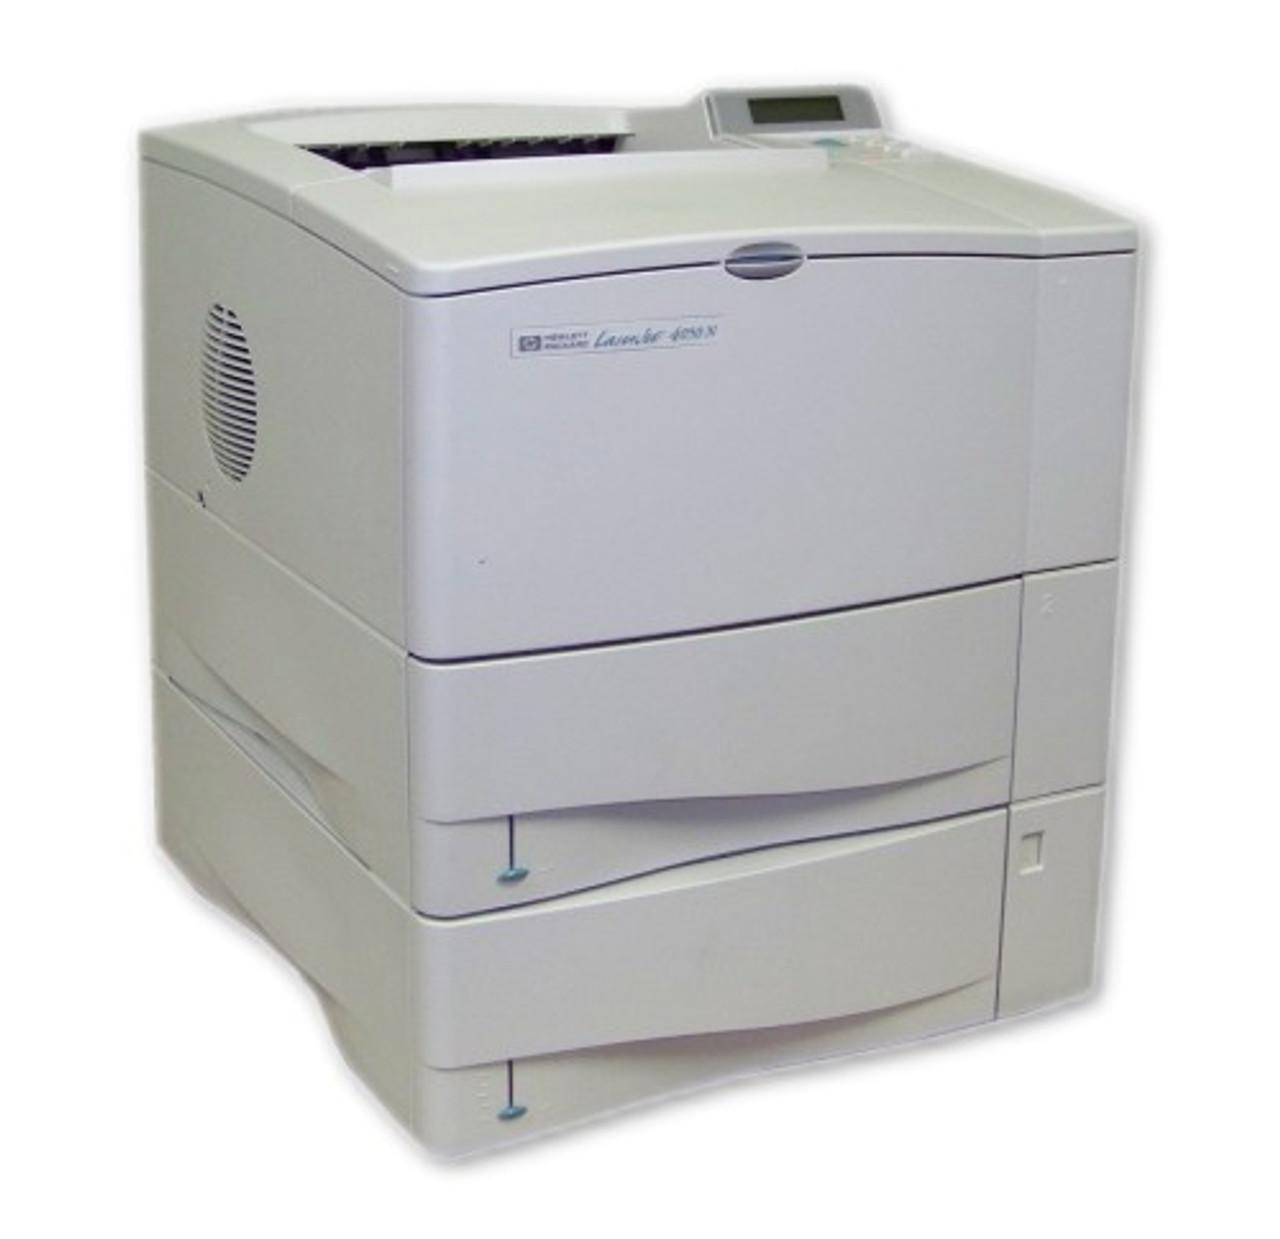 HP LaserJet 4100dtn - C8052A - HP Laser Printer for sale